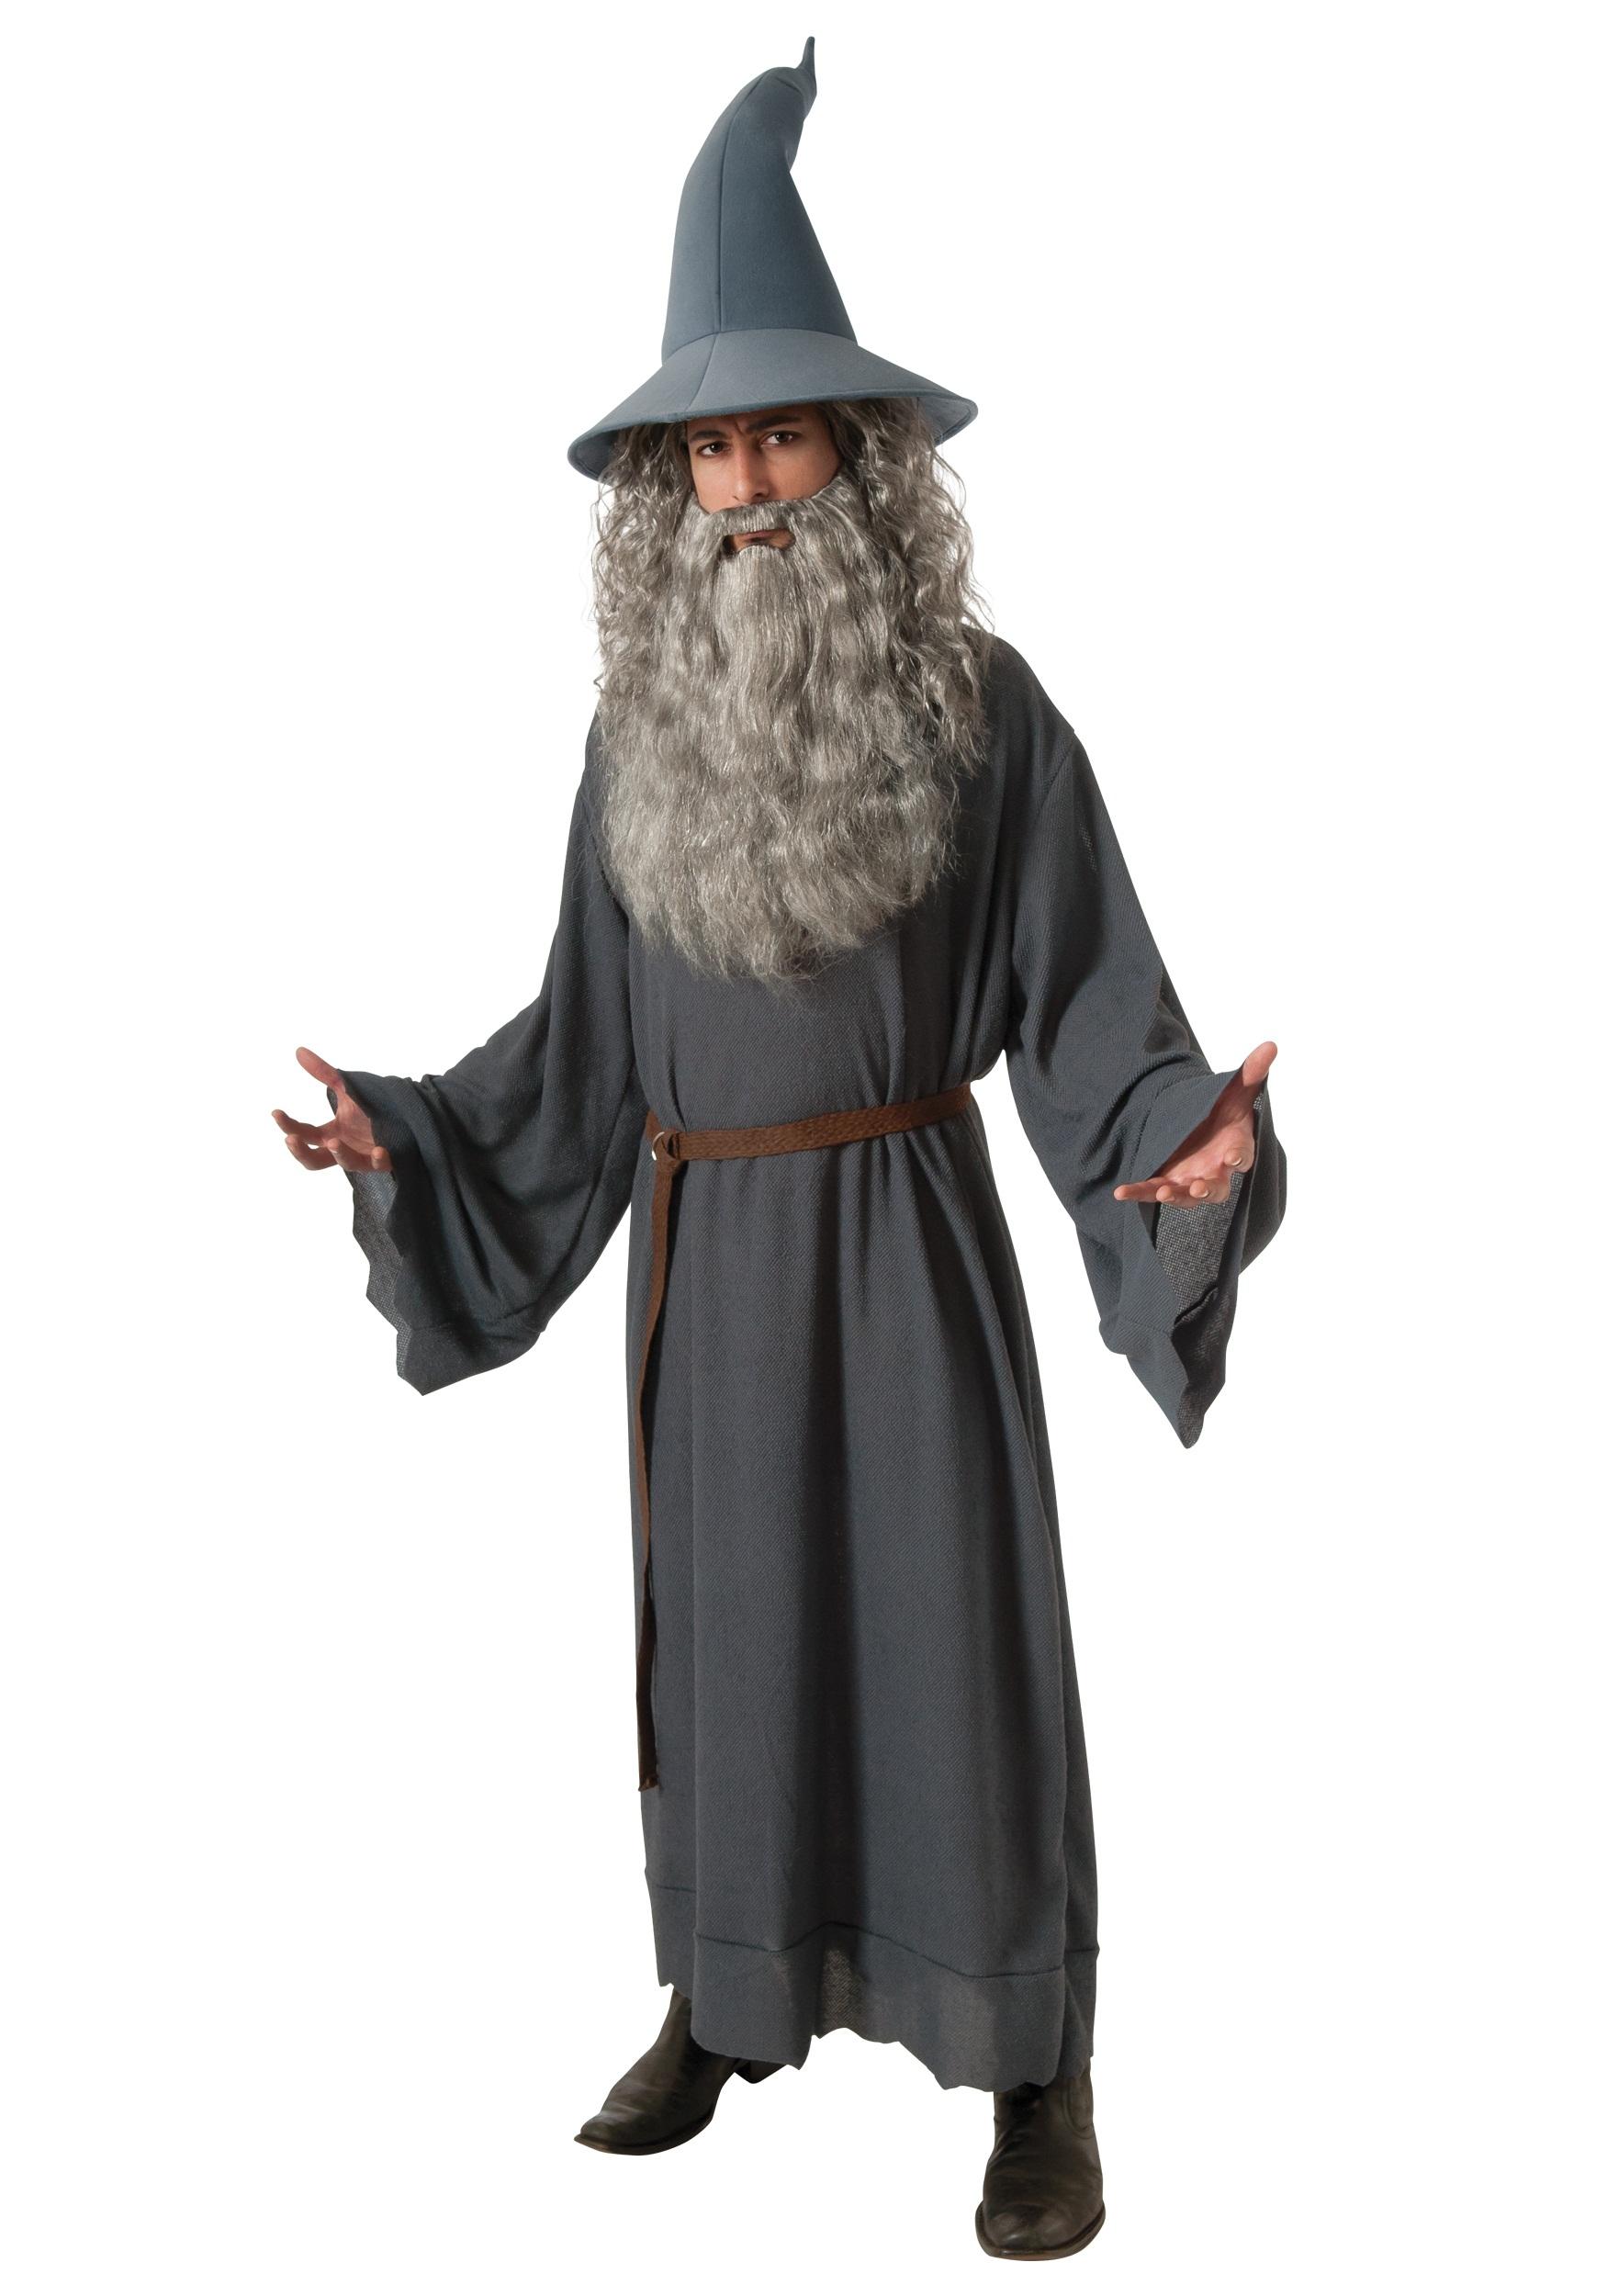 sc 1 st  Fun.com & Gandalf Costume